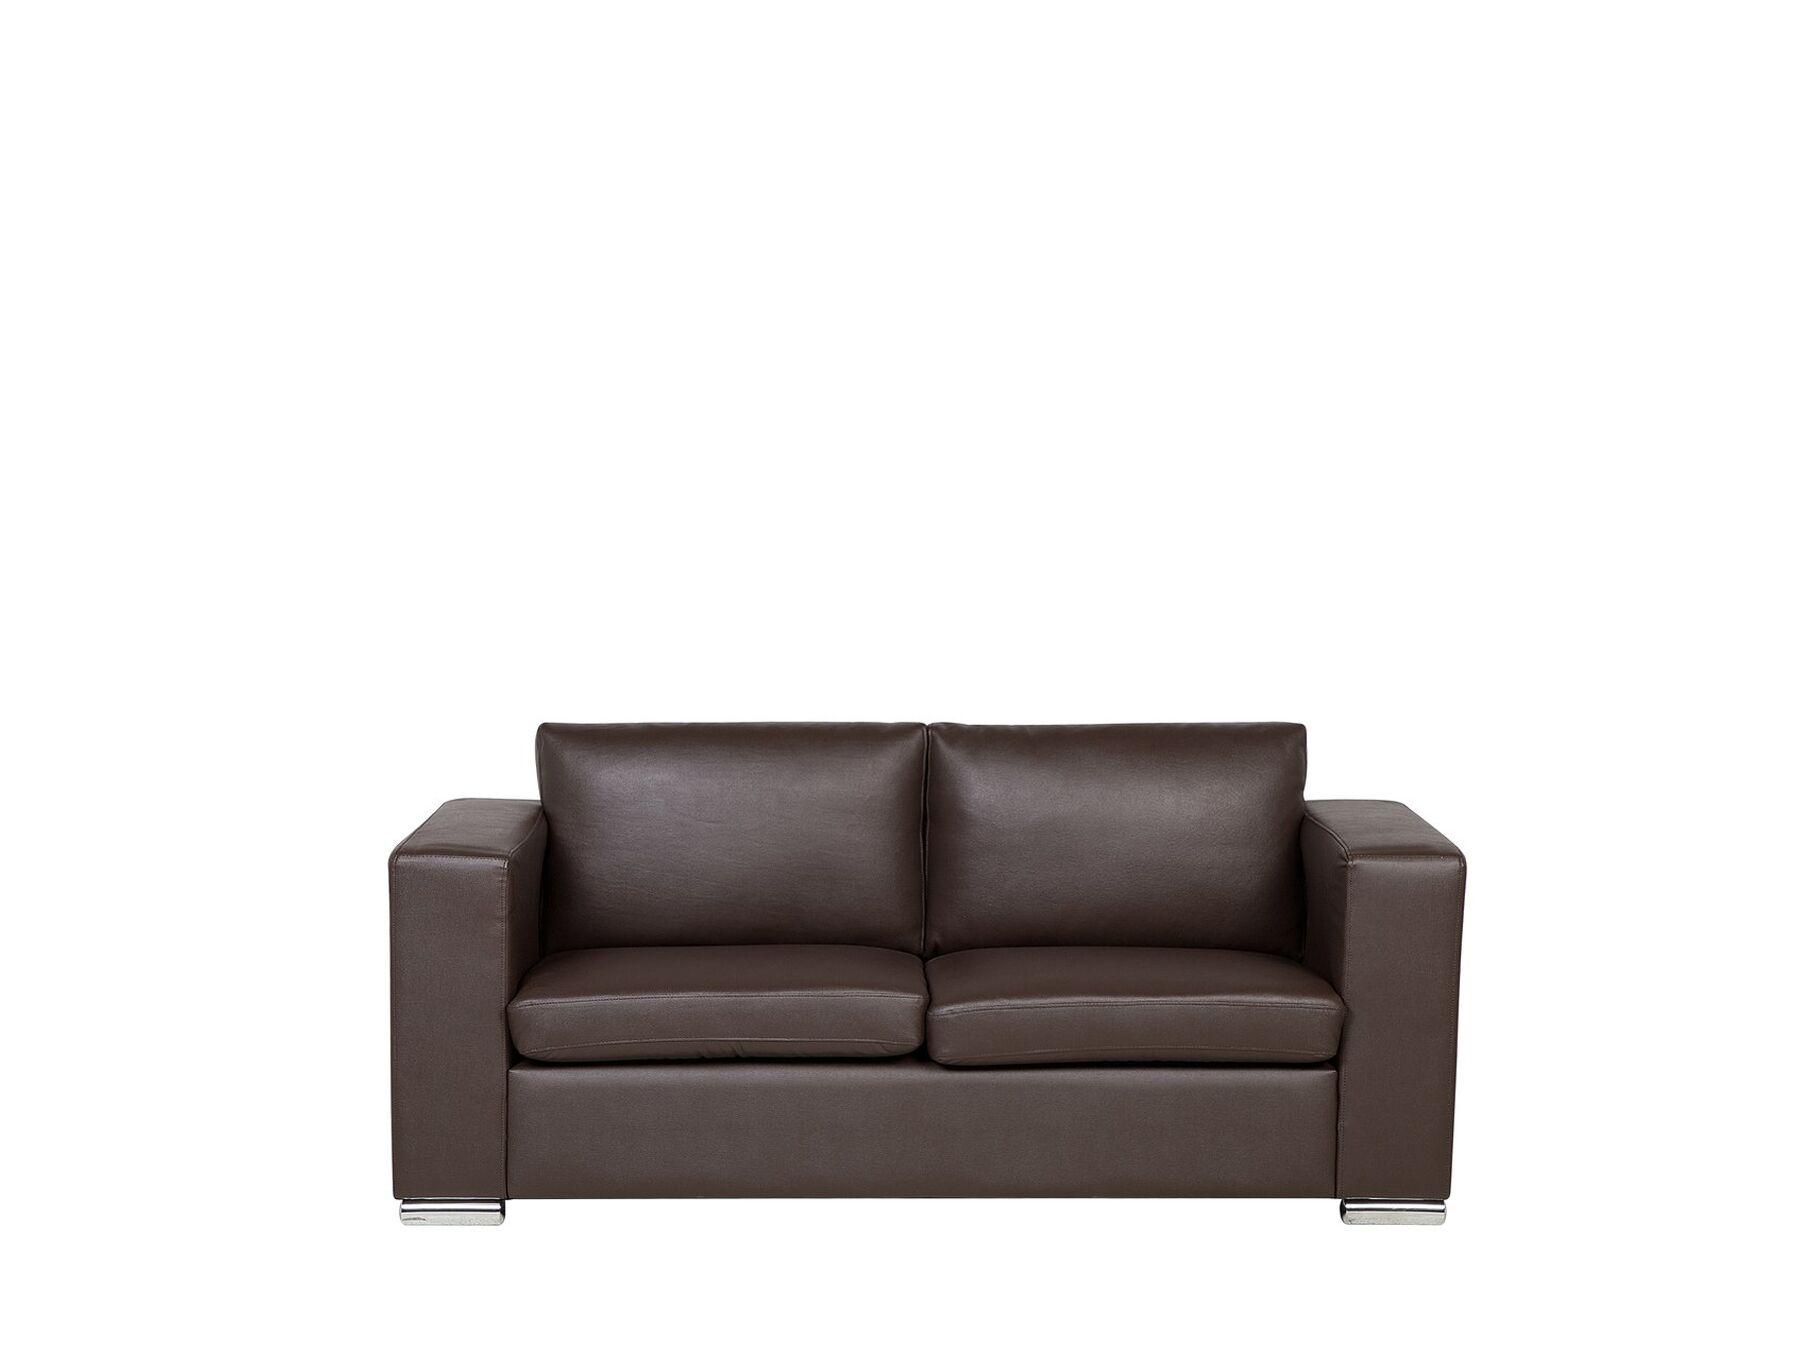 Full Size of 3 Sitzer Sofa Mit Schlaffunktion Leder Ikea Relaxfunktion Elektrisch Klippan Couch Roller Grau Poco Ektorp Nockeby Federkern Und 2 Sessel Braun Helsinki Sofa 3 Sitzer Sofa